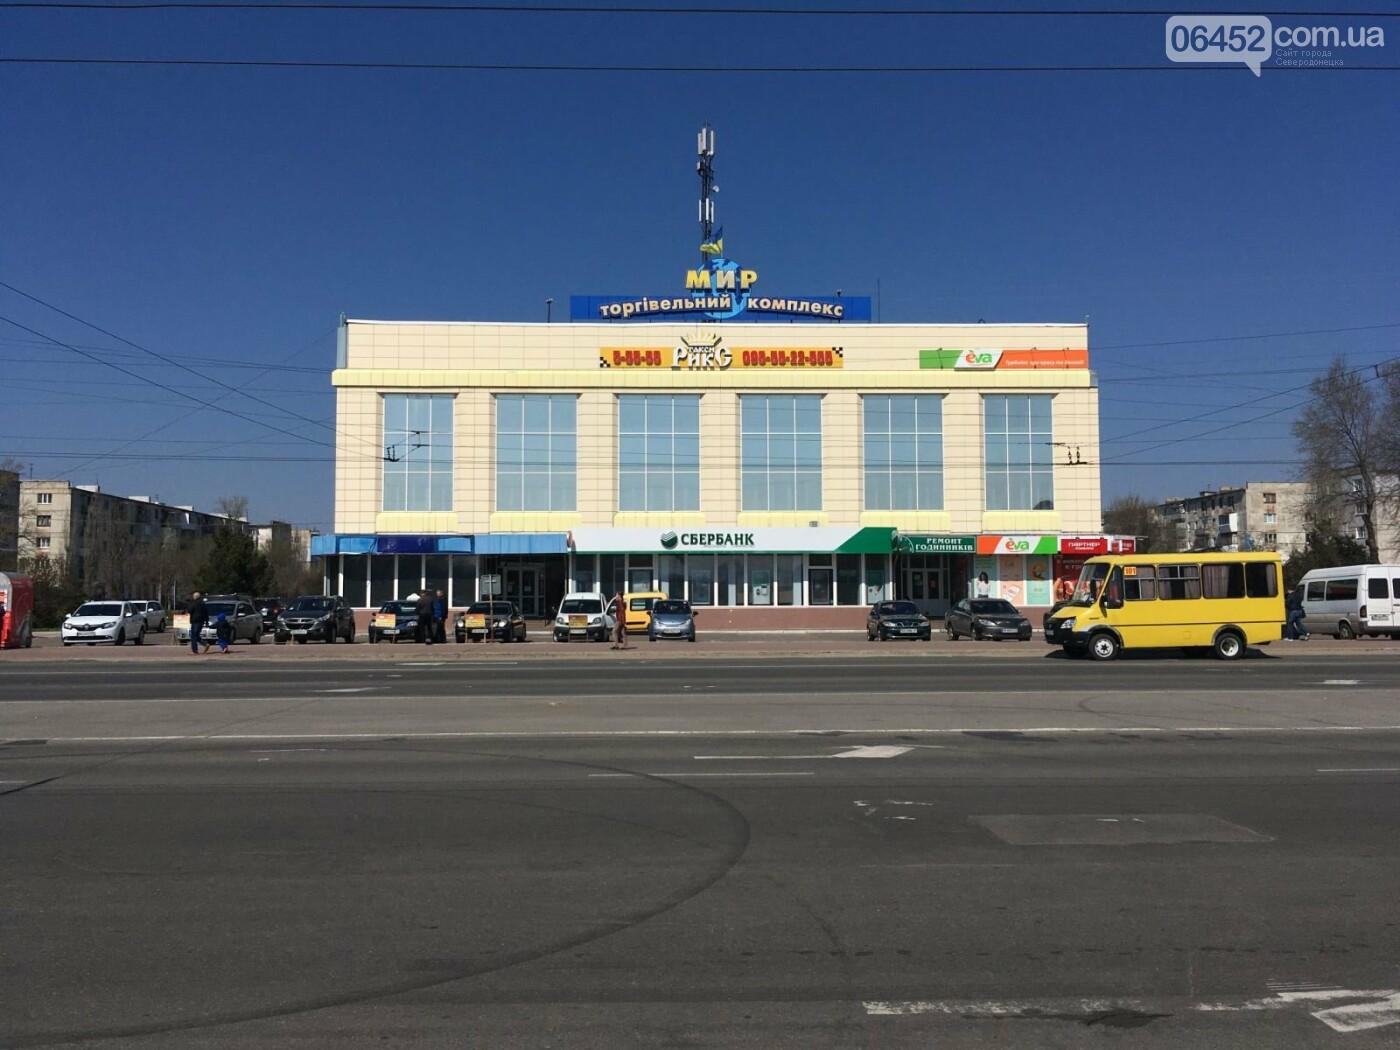 Весна в Северодонецке. Фотопрогулка, фото-16